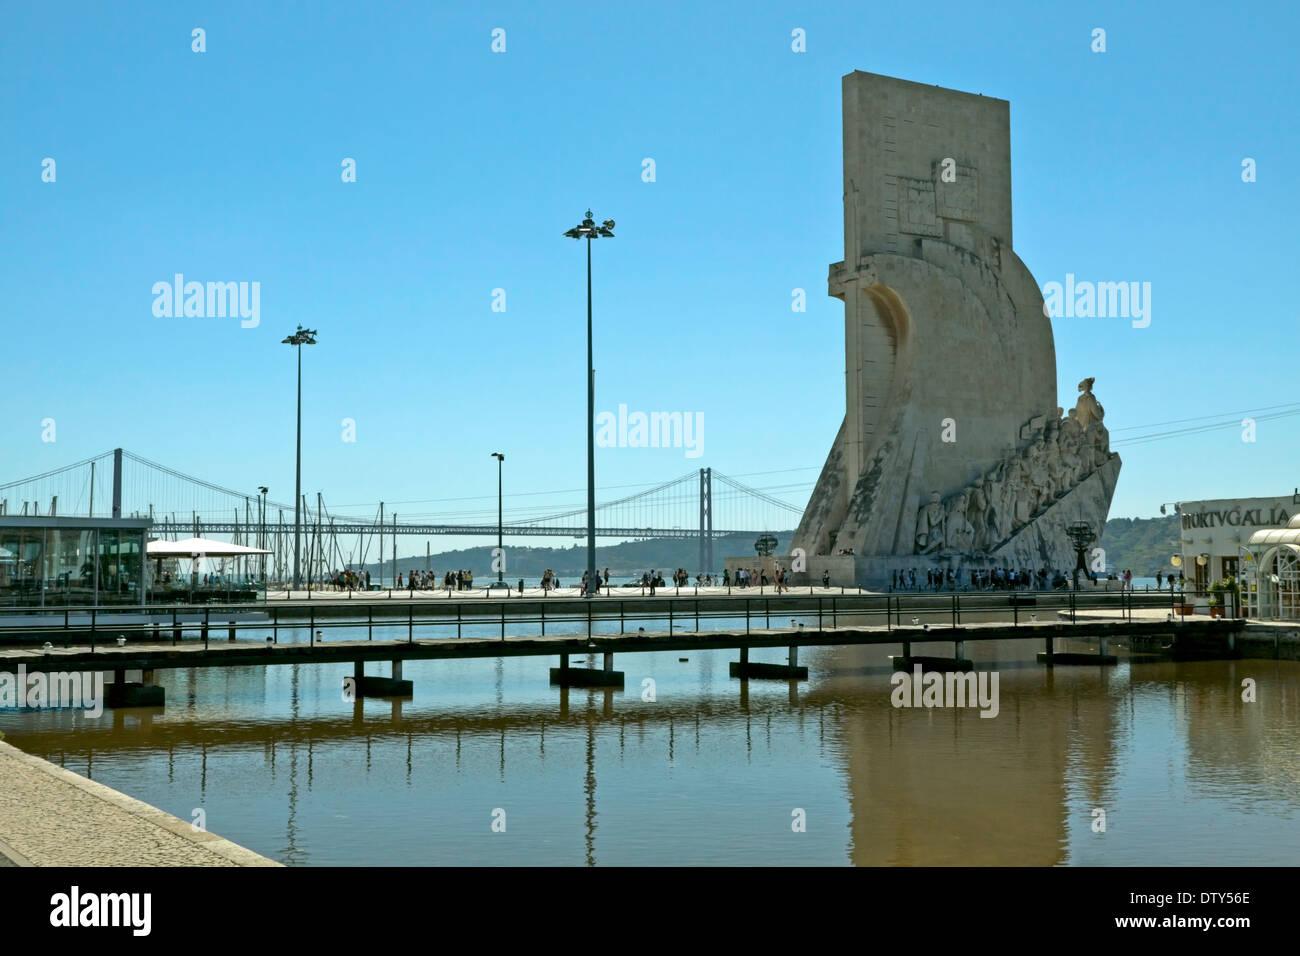 Padrão dos Descobrimentos, a monument in honor of the Portuguese Age of Discoveries and the Ponte de 25 de Abril bridge, Lisbon. - Stock Image